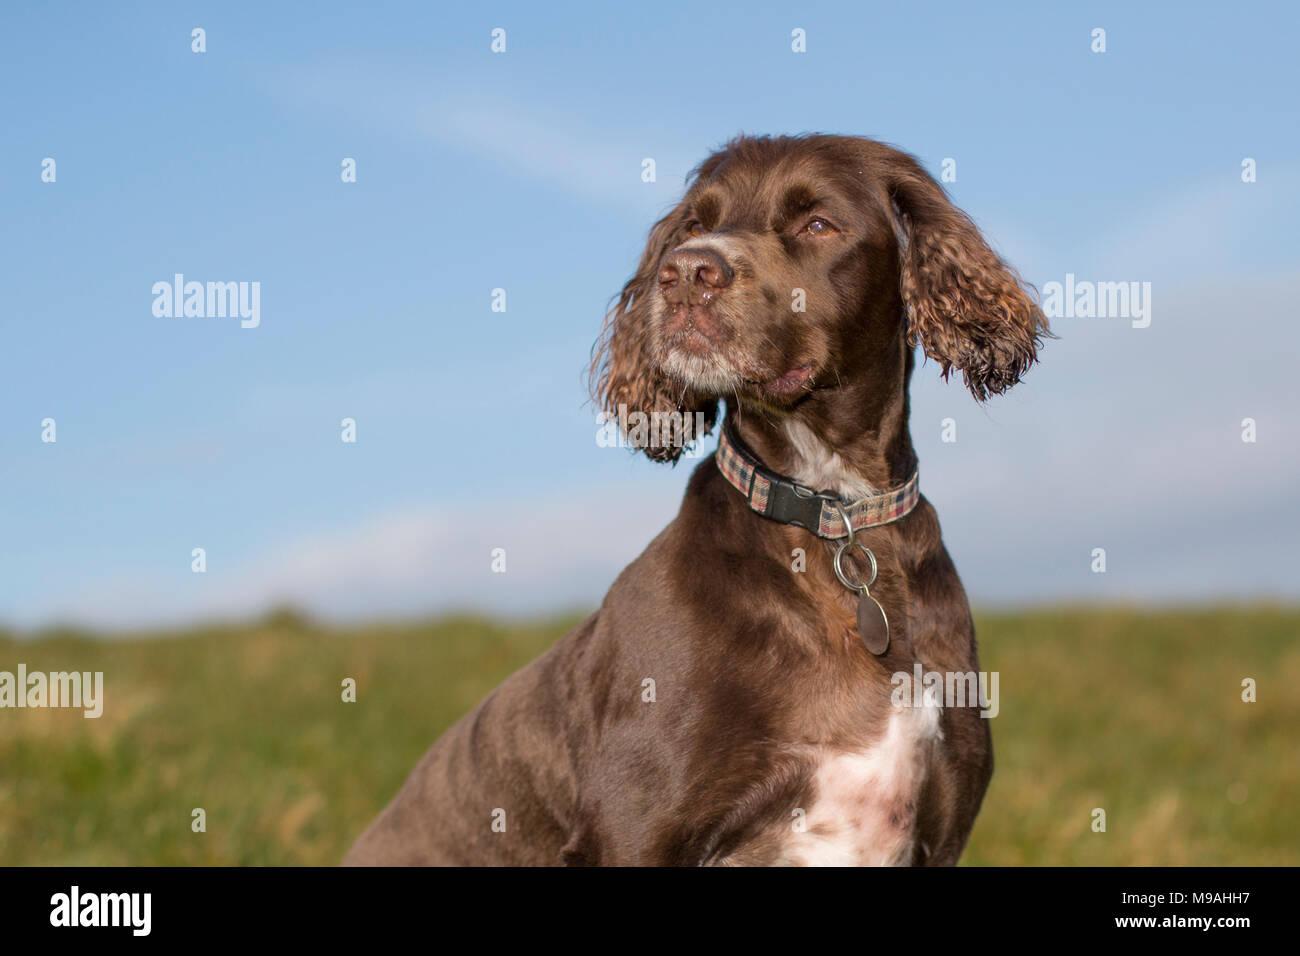 Portrait d'un chien d'un arbre d'épagneul cocker travail brun chocolat head and shoulders portrait en extérieur avec fond de ciel bleu Photo Stock